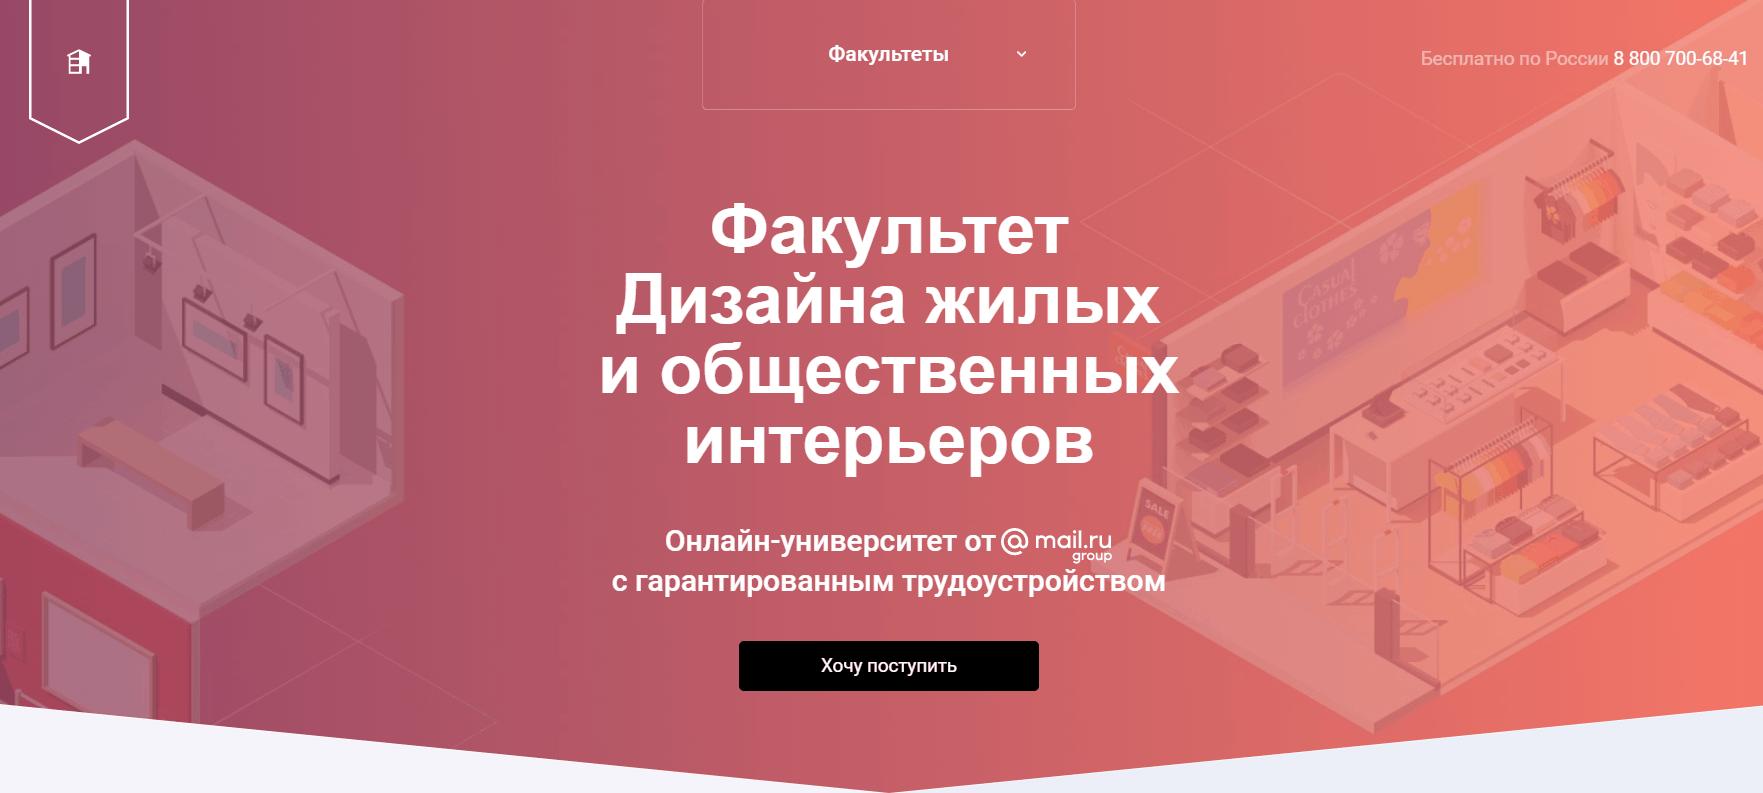 Факультет Дизайна жилых и общественных интерьеров